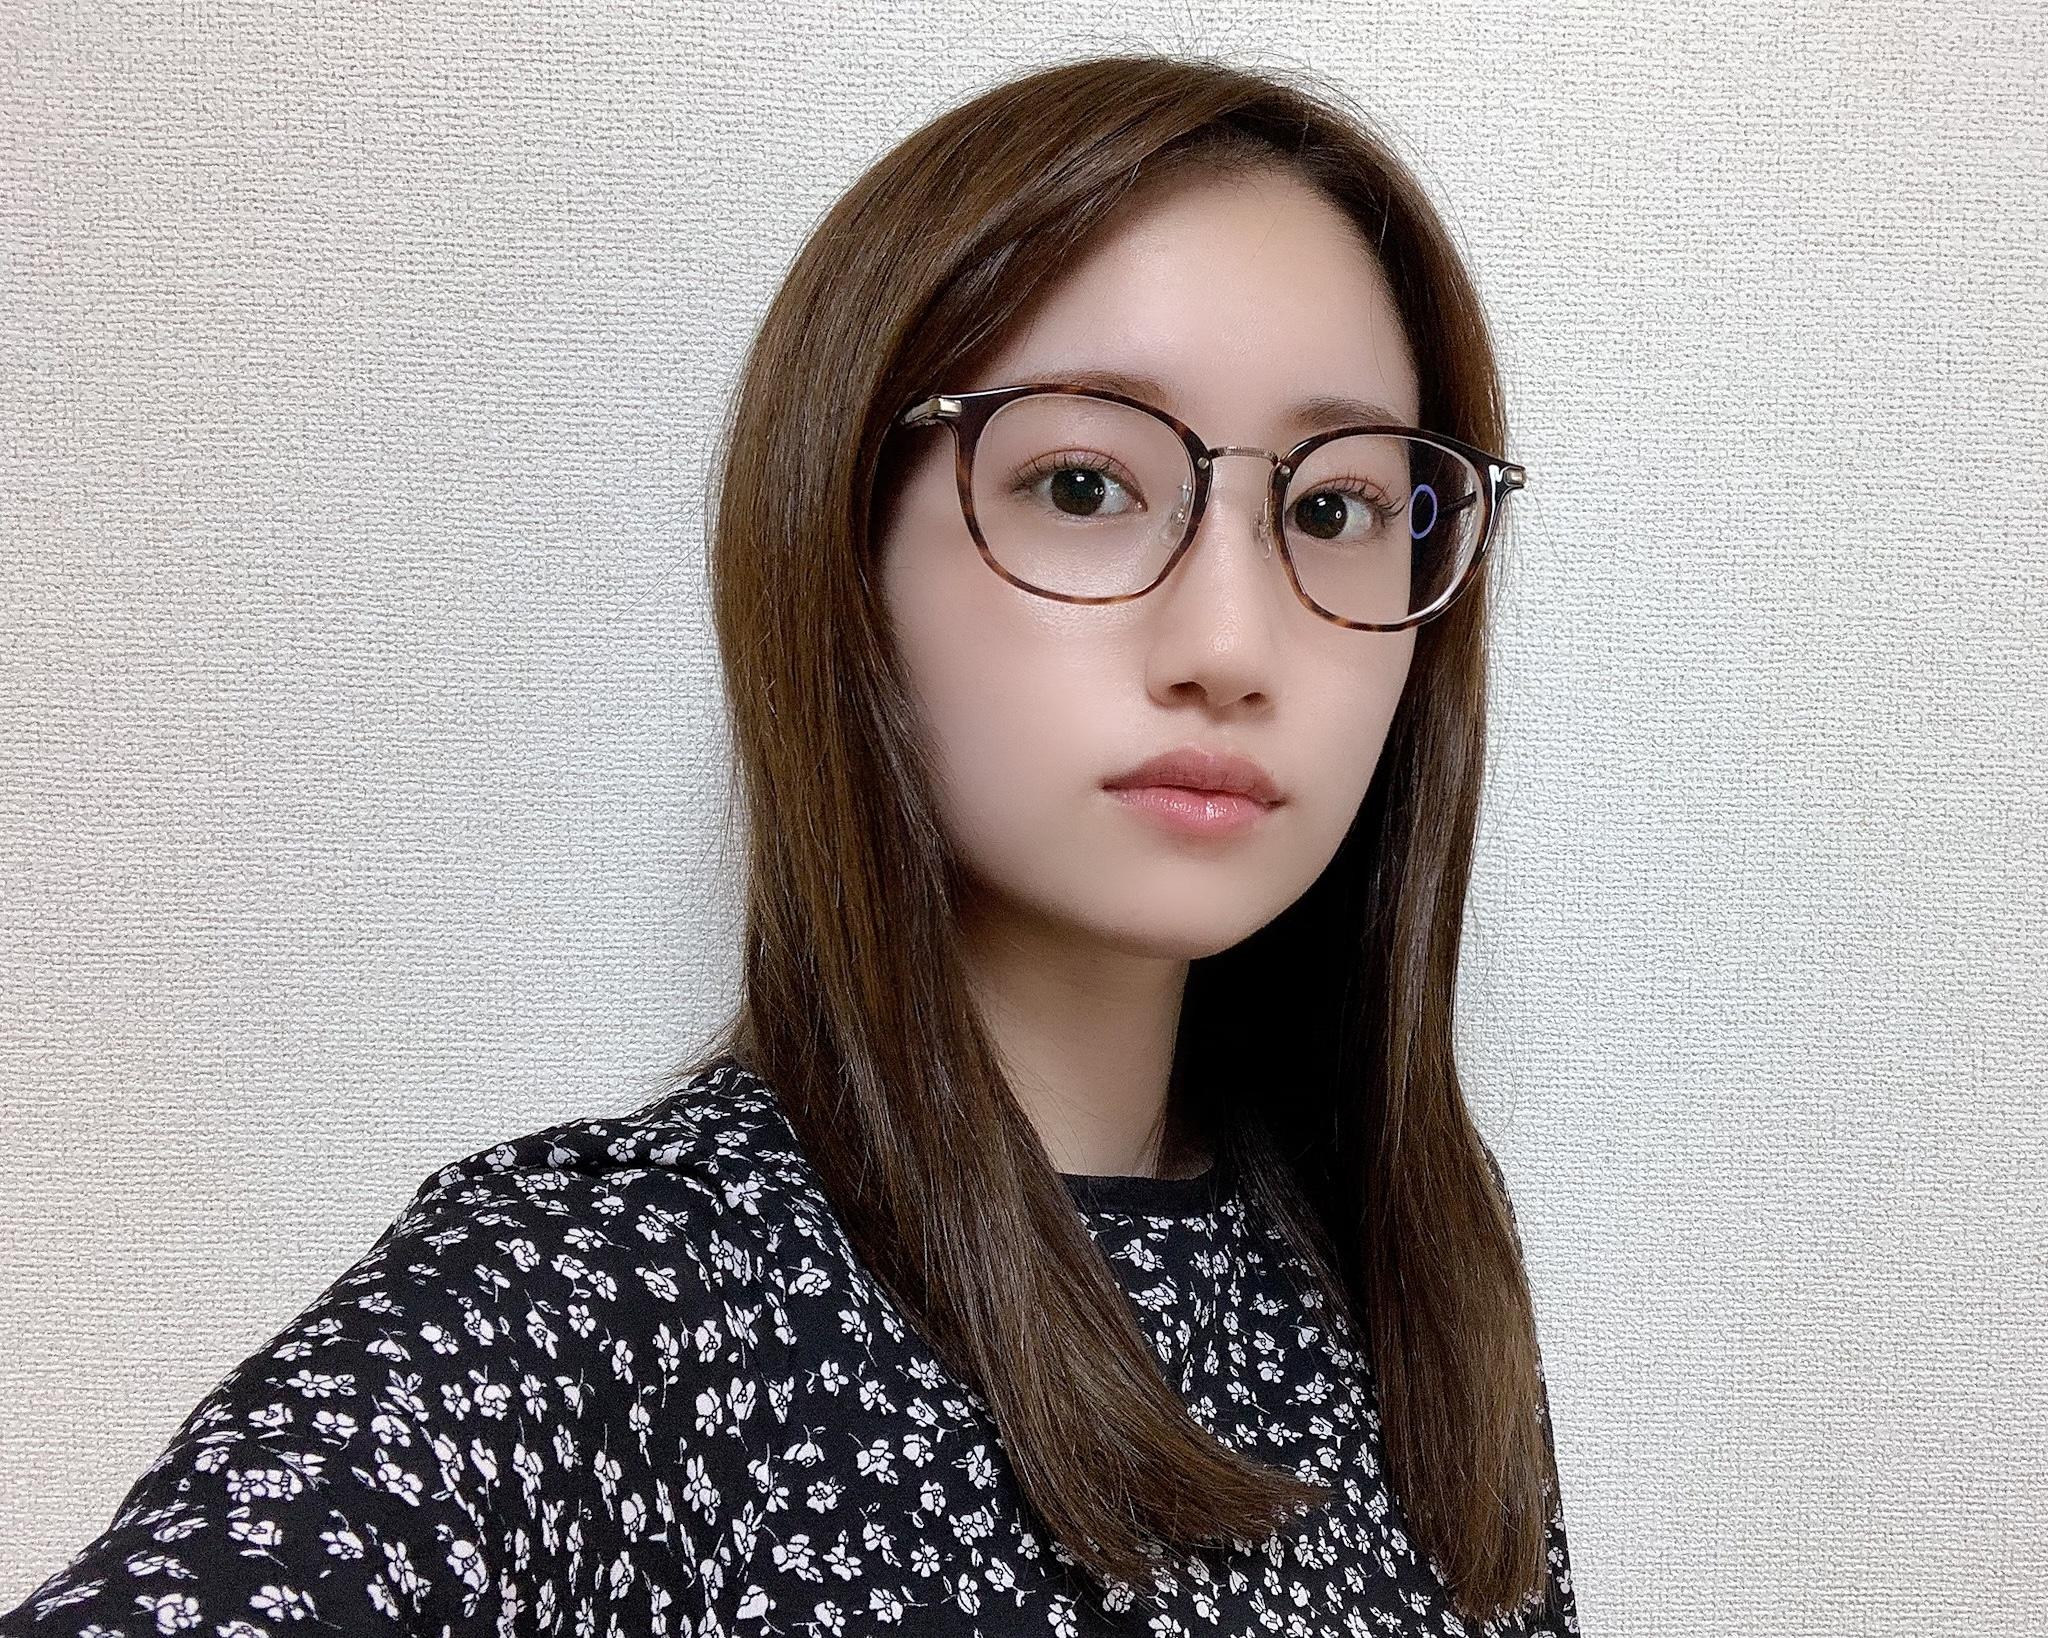 【メガネ主体のメイクが可愛い】JINS×イガリシノブのメーキャップメガネ_5